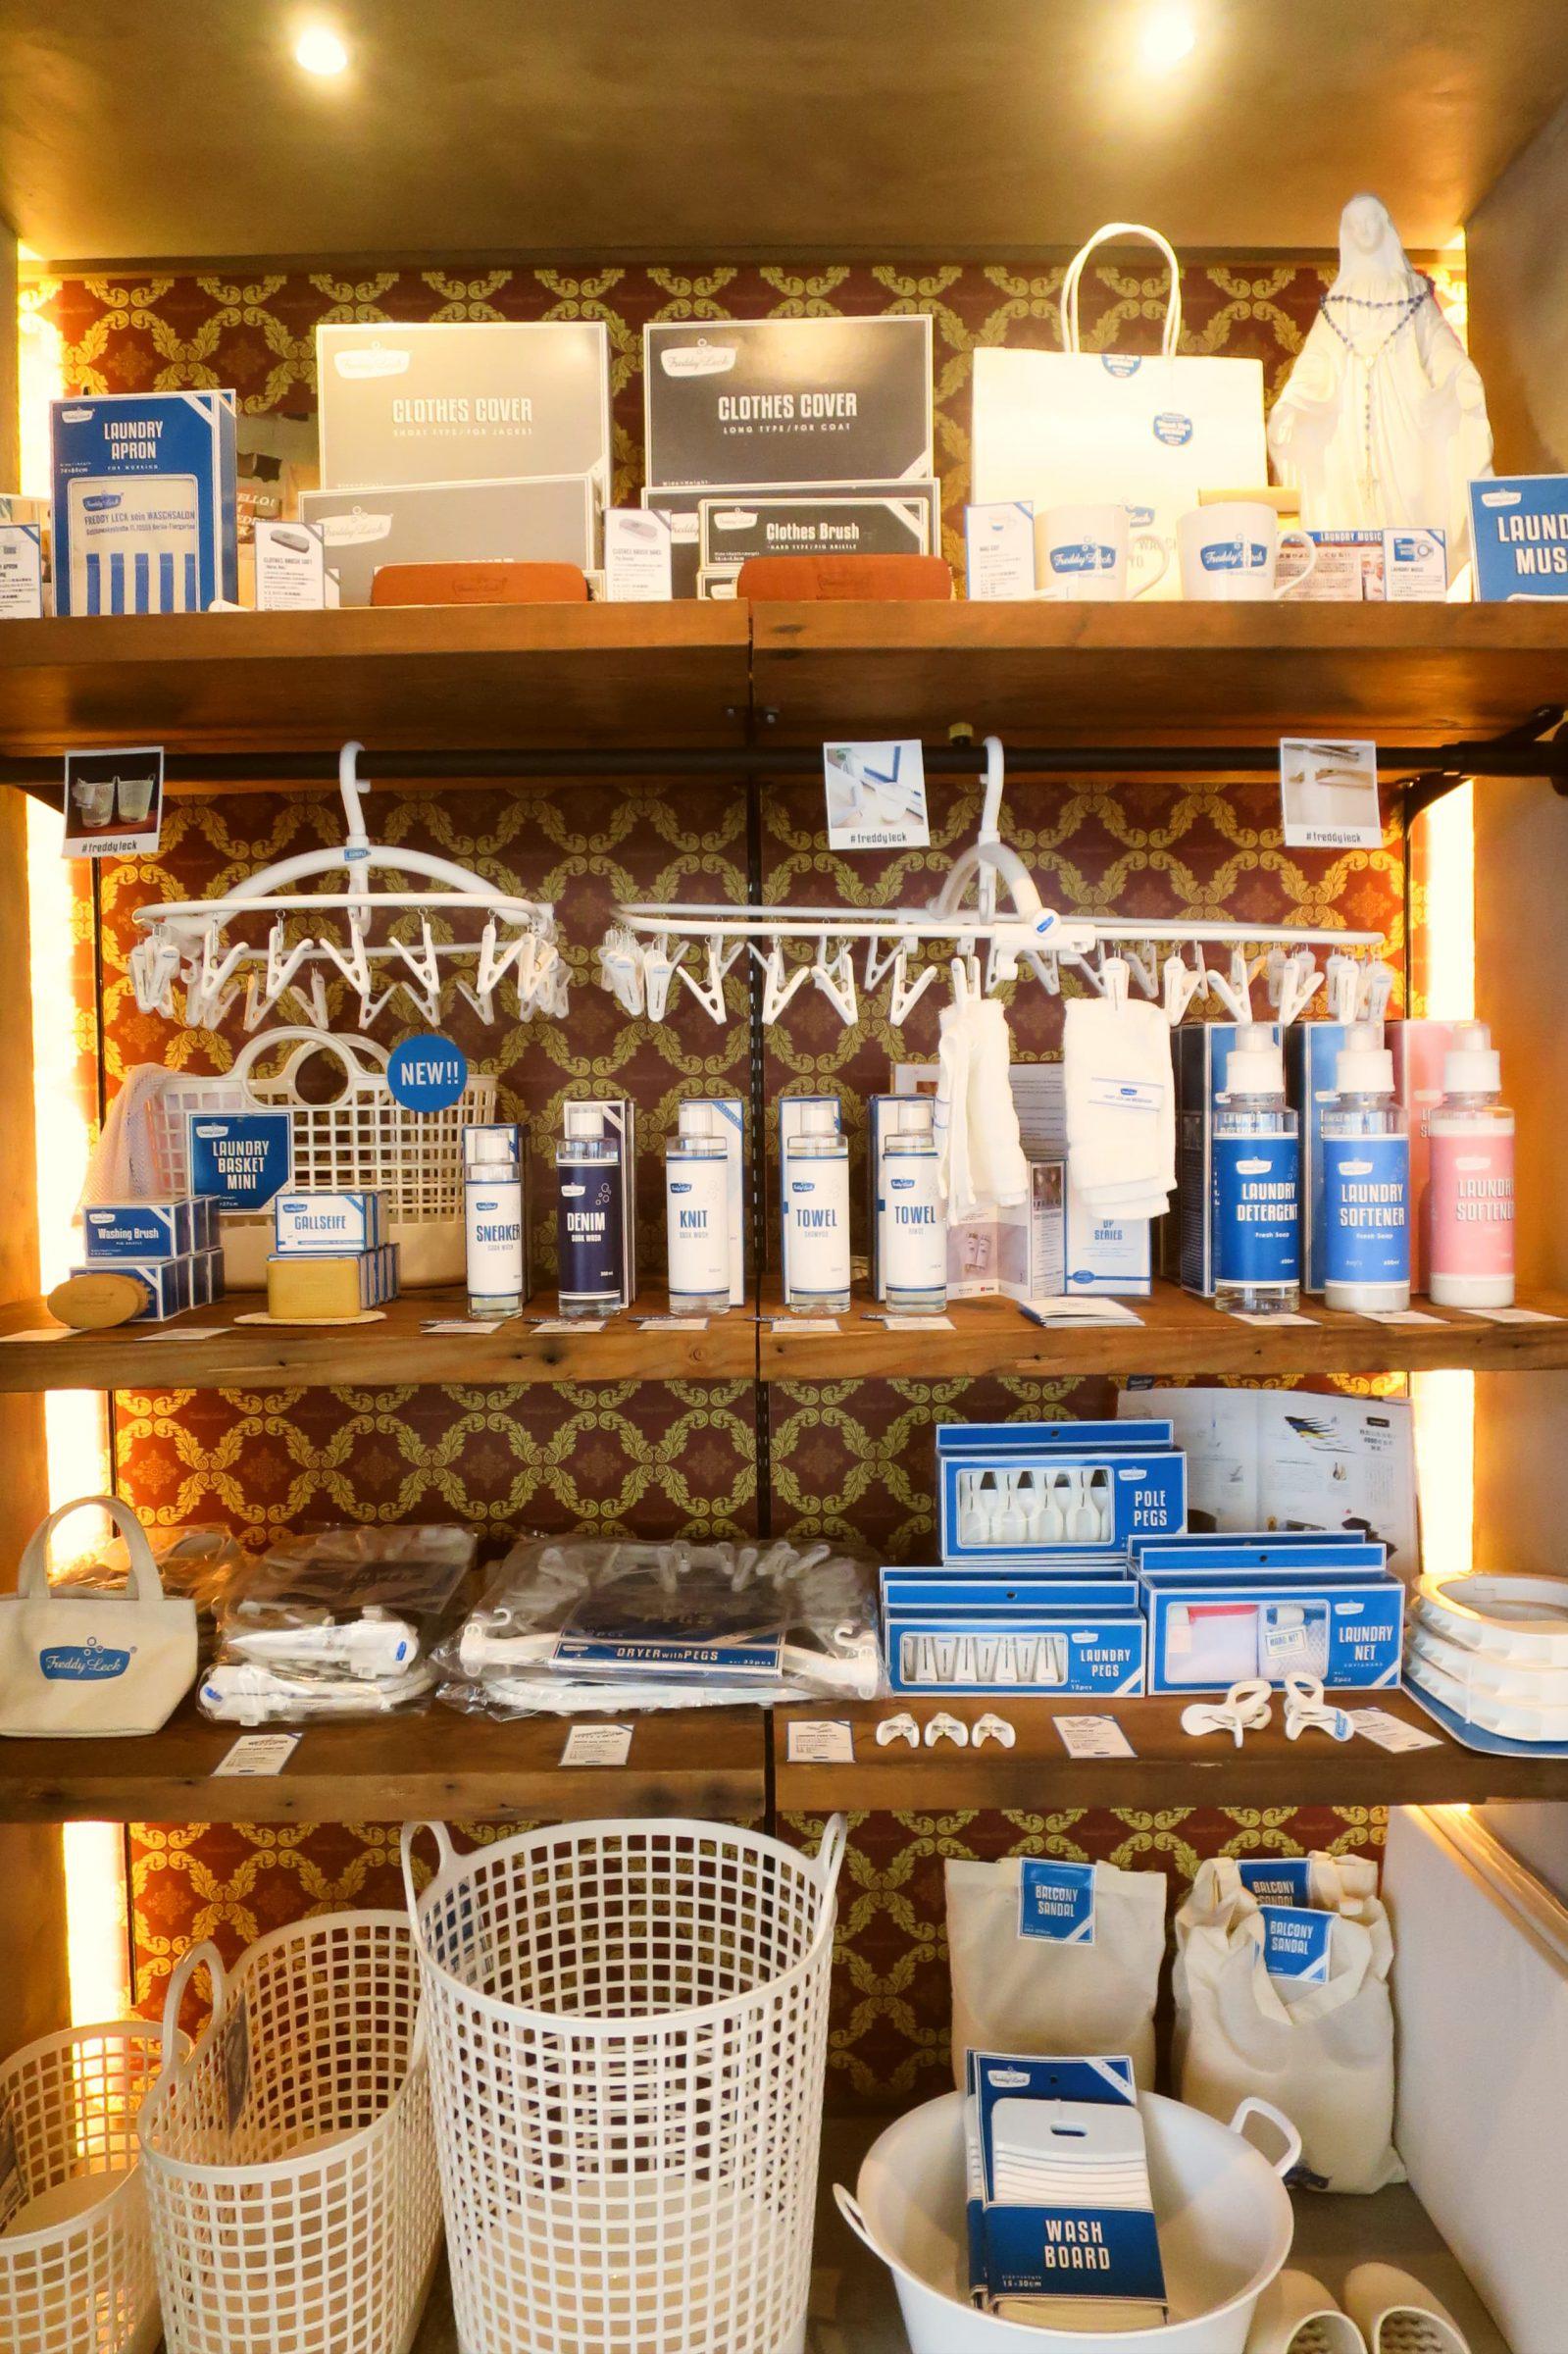 洗衣房 + 咖啡店!東京目黑區創意洗衣房「Freddy Leck」